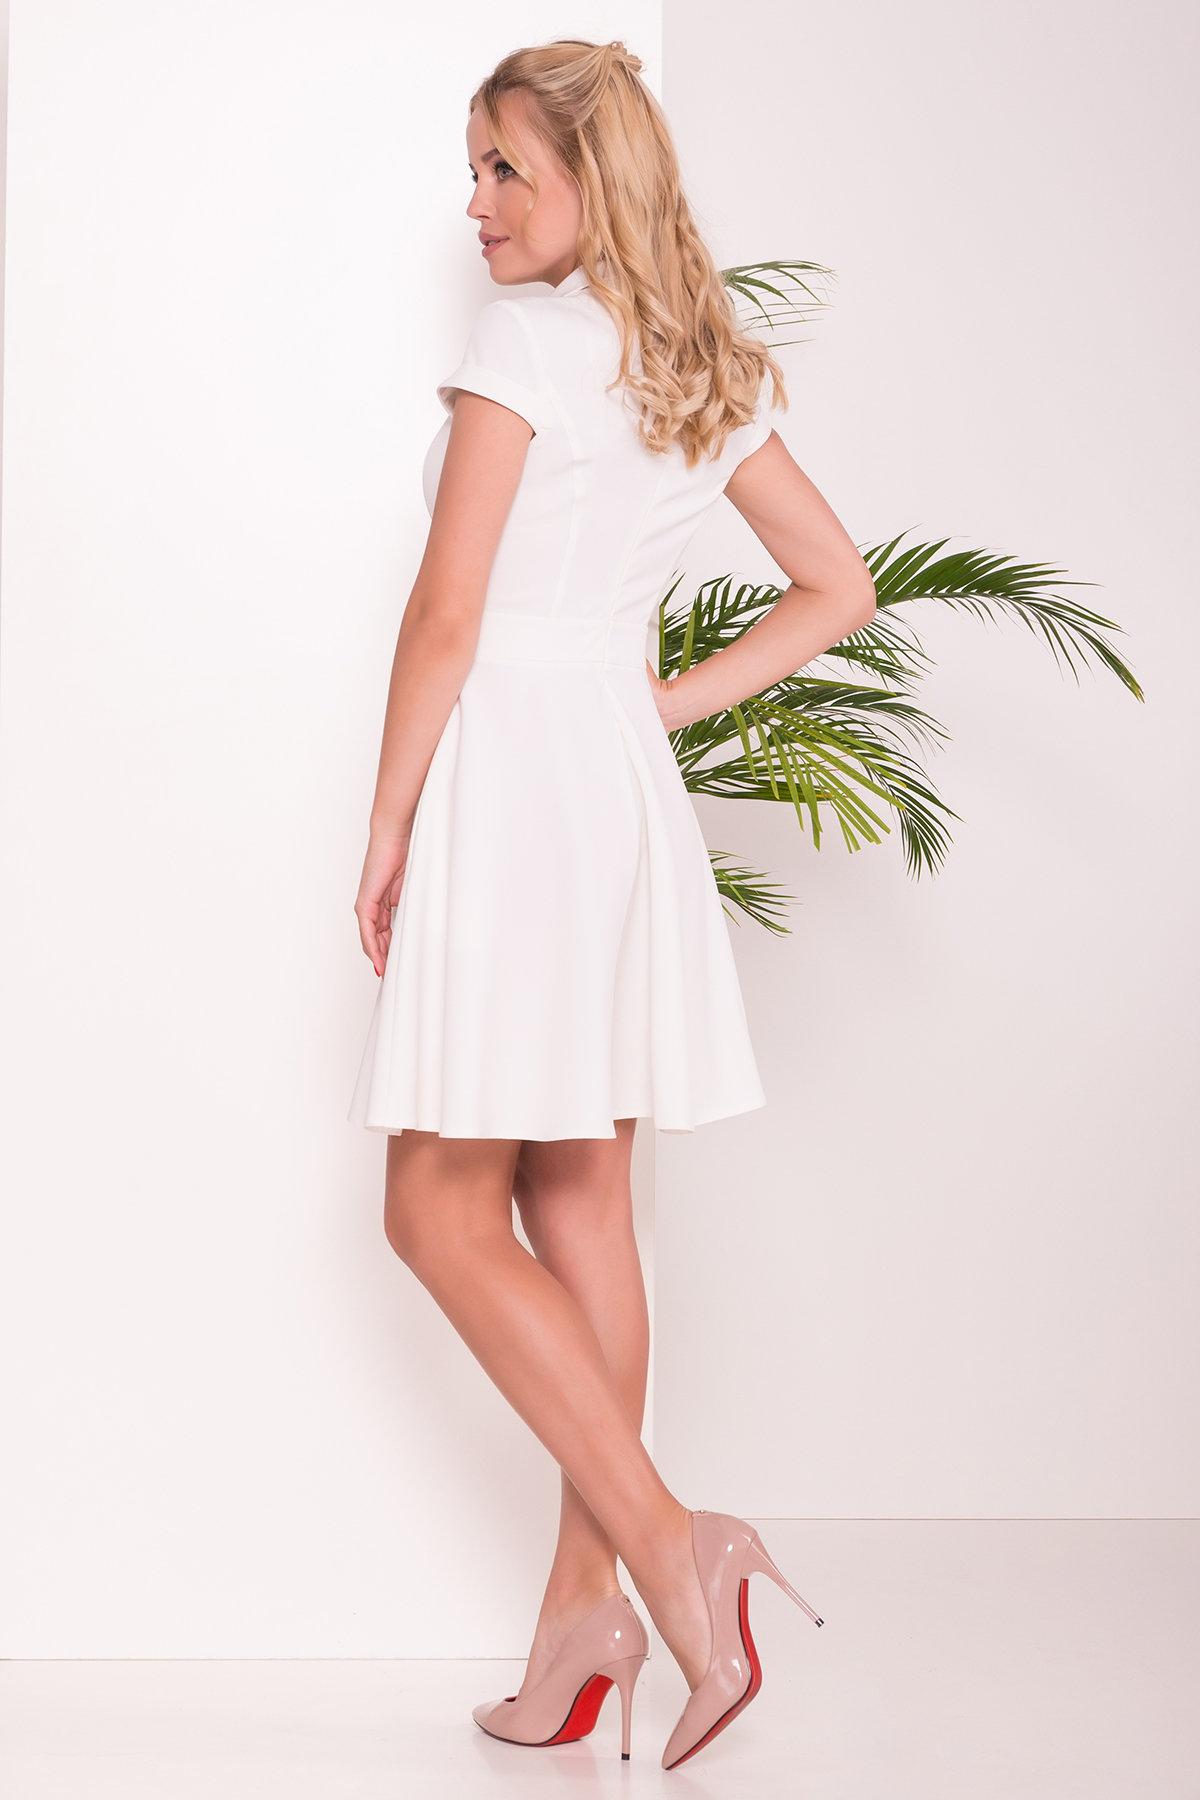 Платье Сиеста 7518 АРТ. 43470 Цвет: Молоко - фото 2, интернет магазин tm-modus.ru